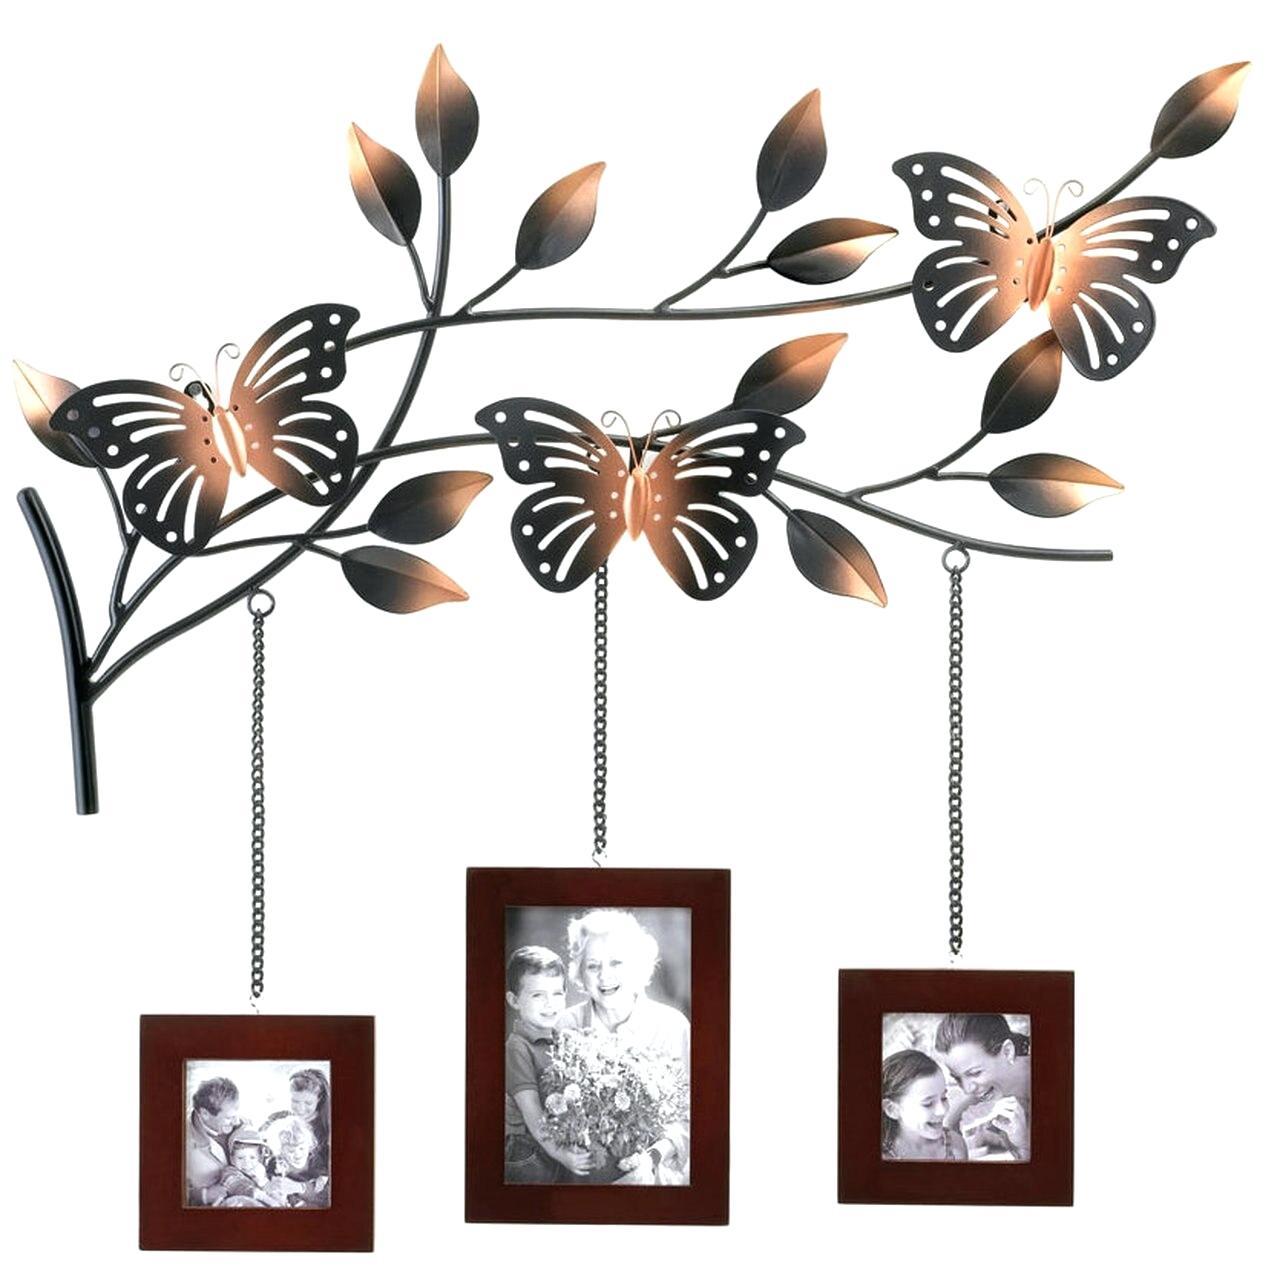 Metal Butterflies Wall Decor – Ilsefogarty (View 26 of 30)